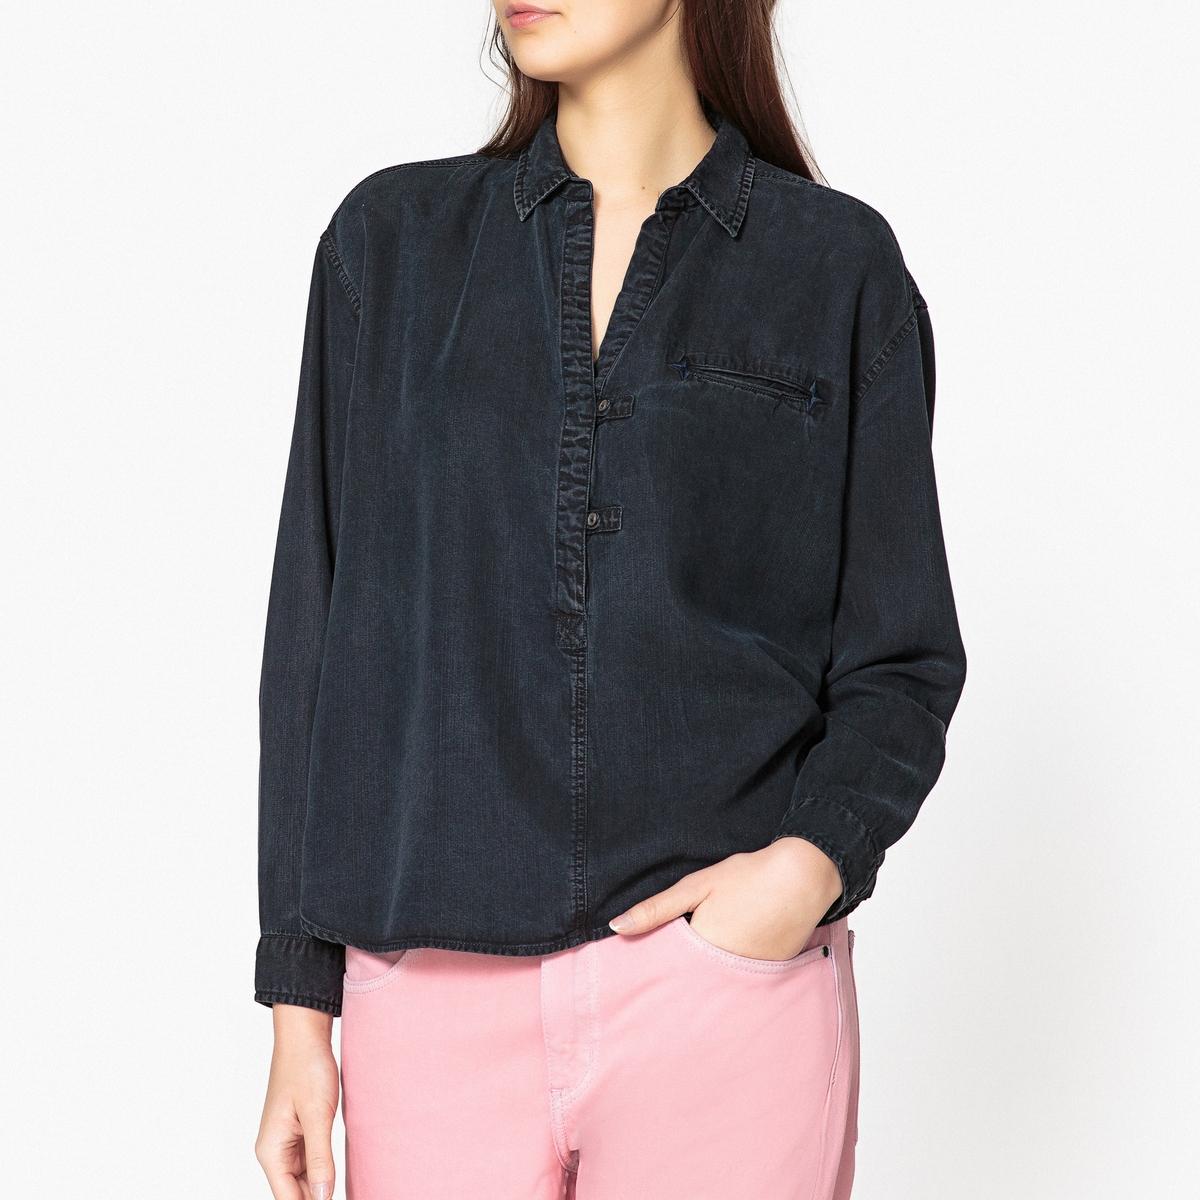 Рубашка с рисунком maison scotch рубашка maison scotch 133 1621 0120131137 03